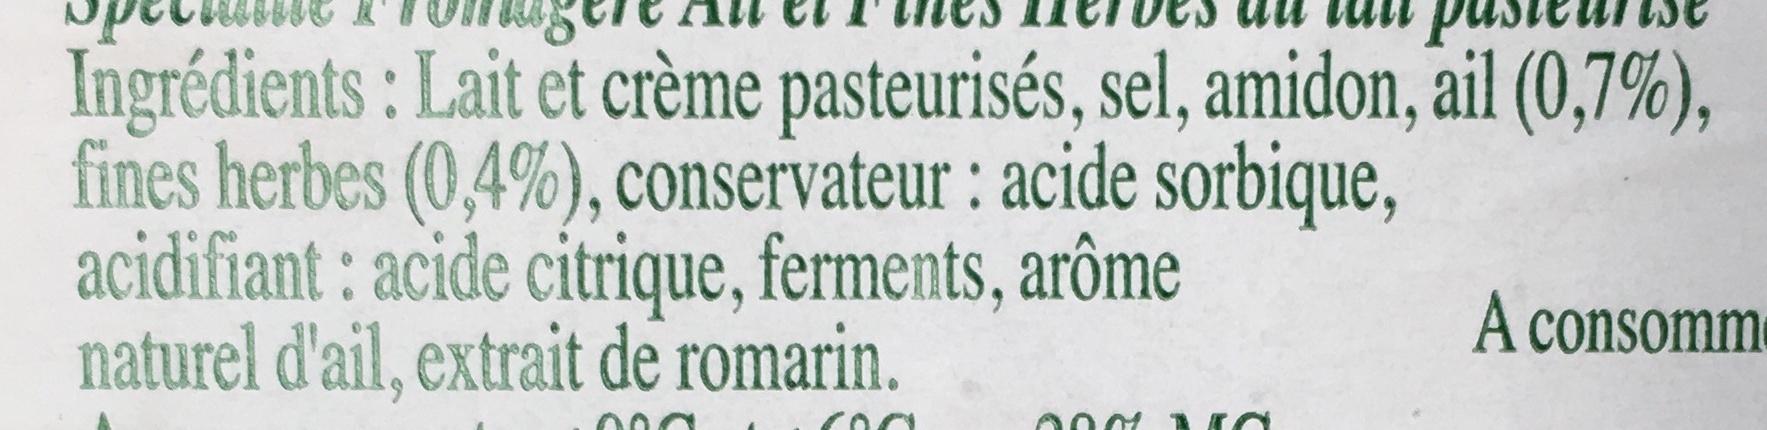 Le roulé - Spécialité fromagère ail et fines herbes au lait pasteurisé - Ingrédients - fr